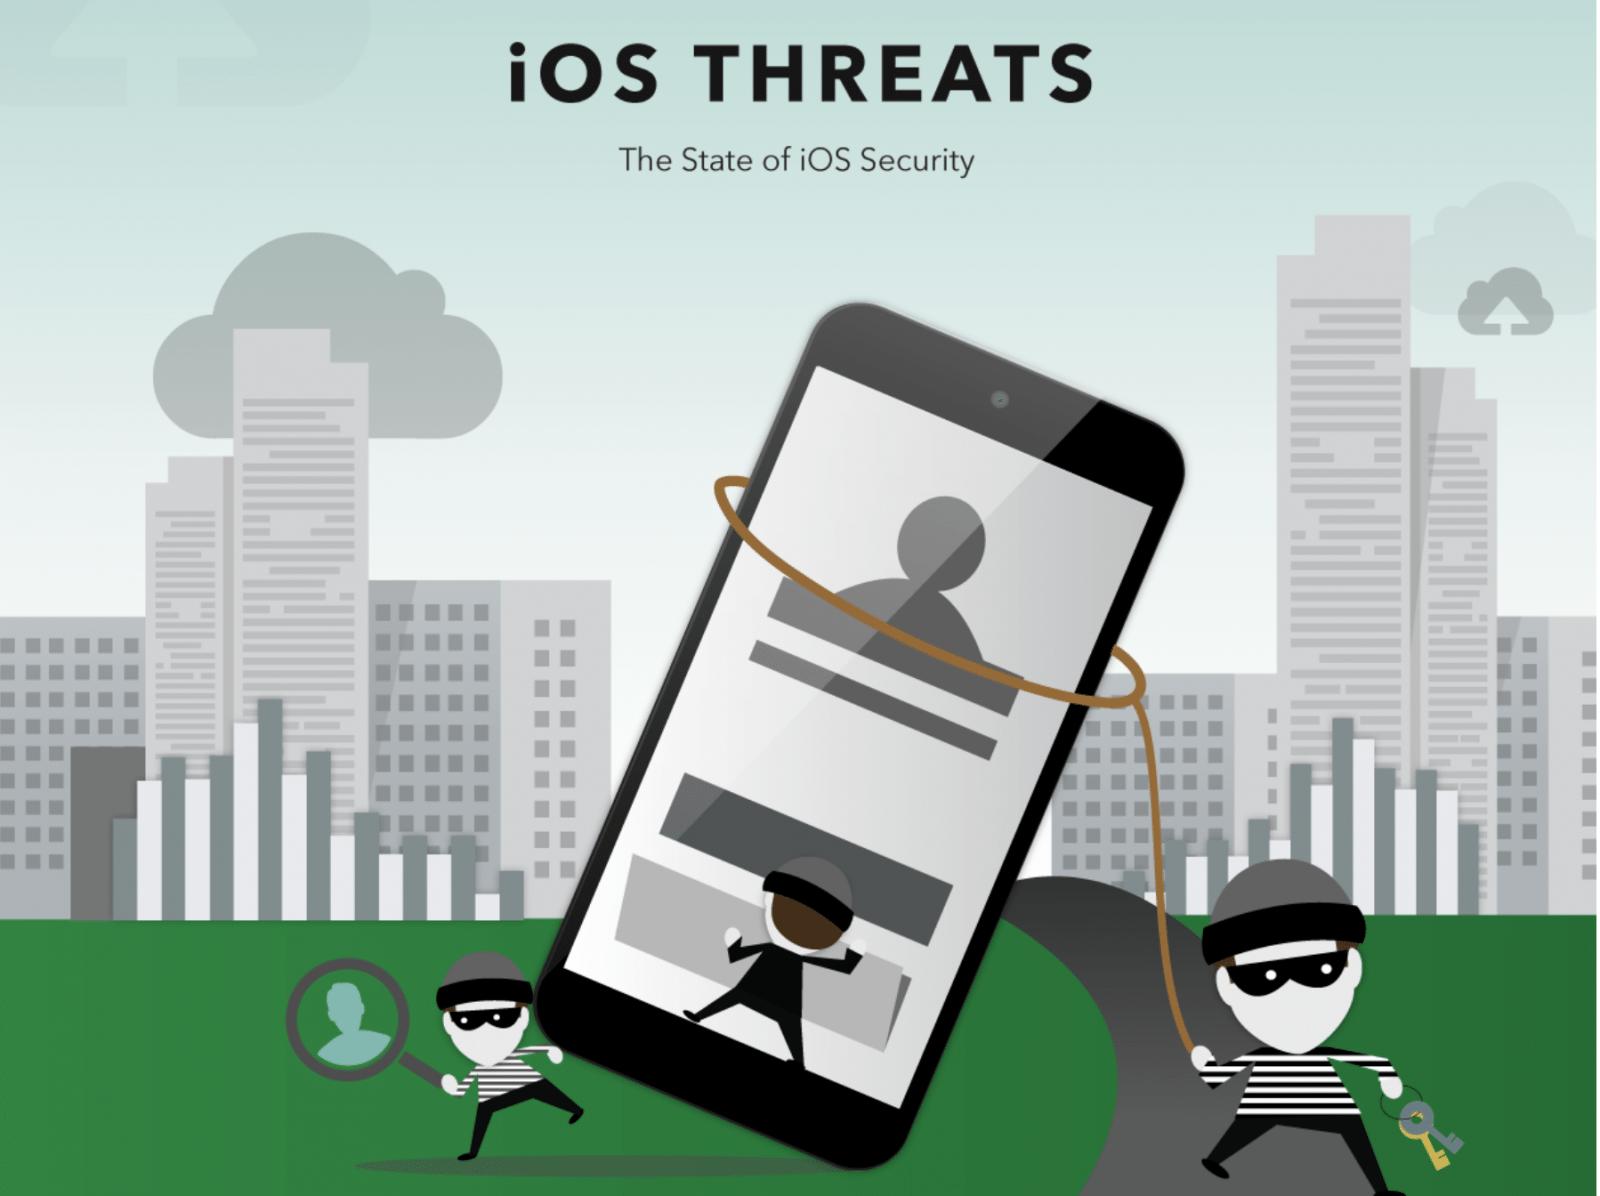 Báo cáo tỉ lệ gia tăng phần mềm độc hại trên iOS